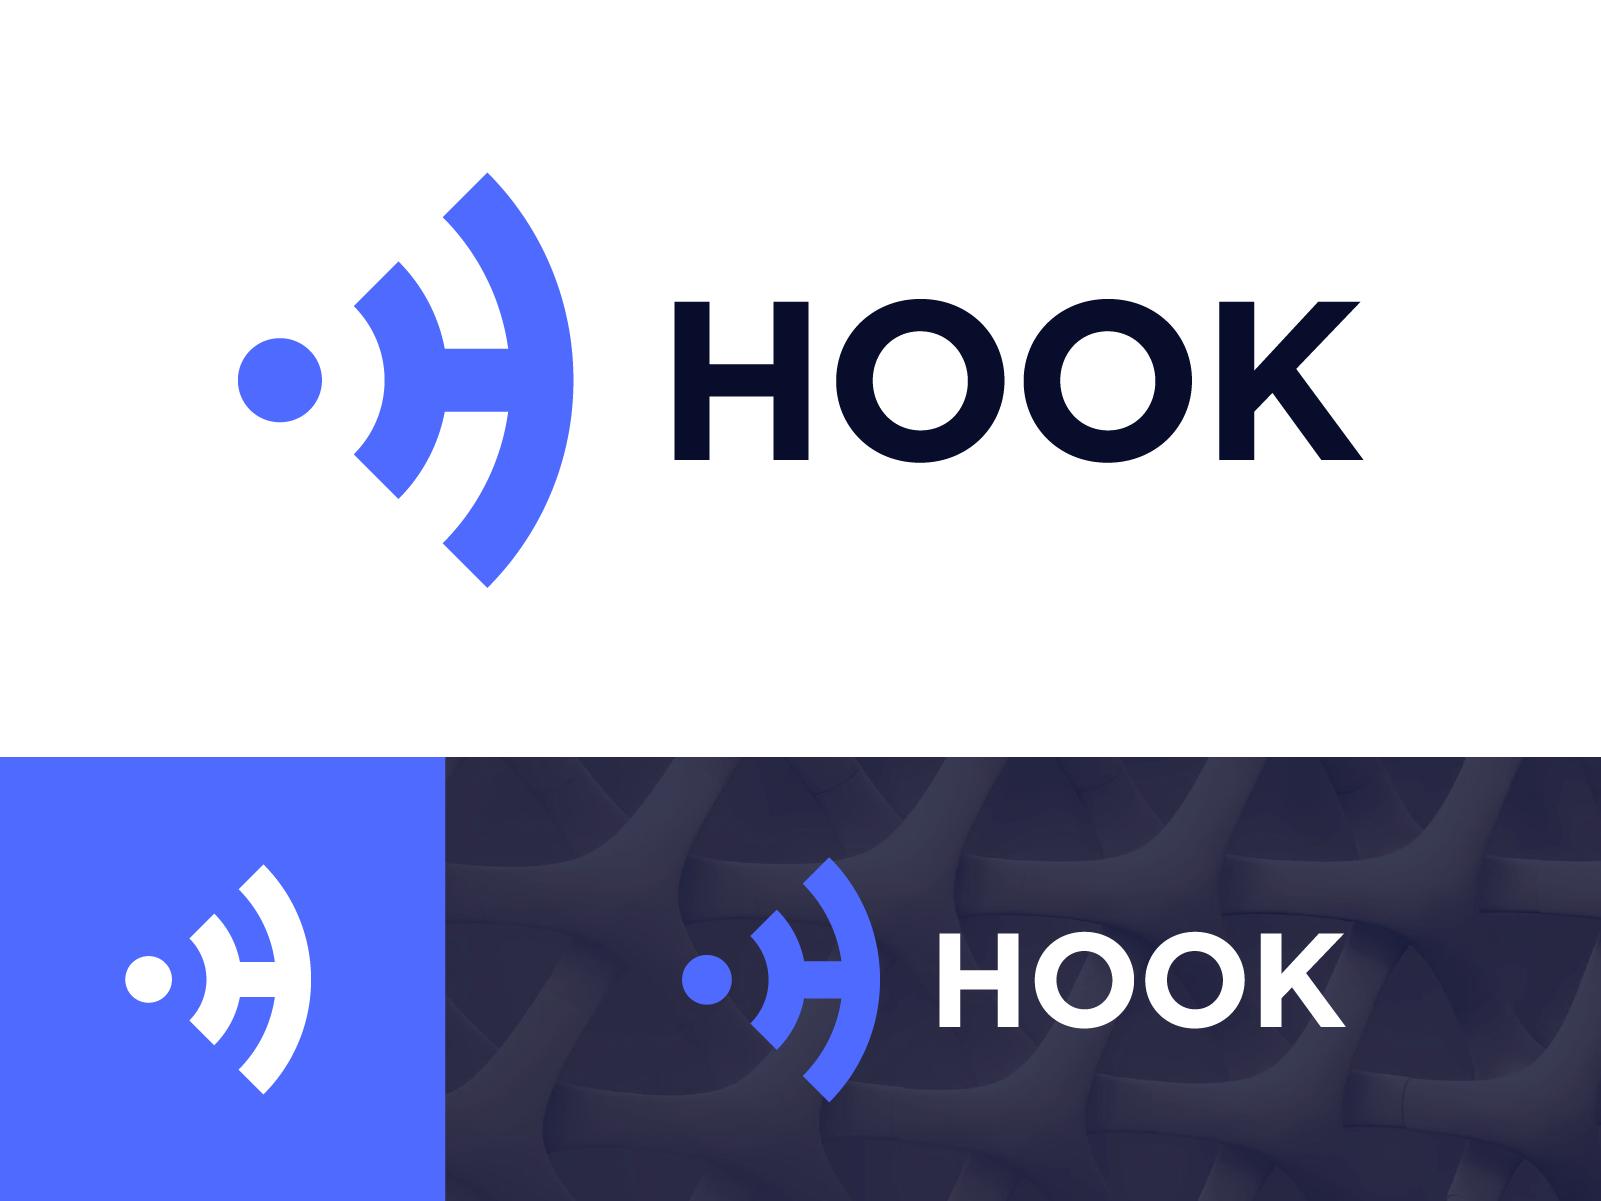 Hook 03